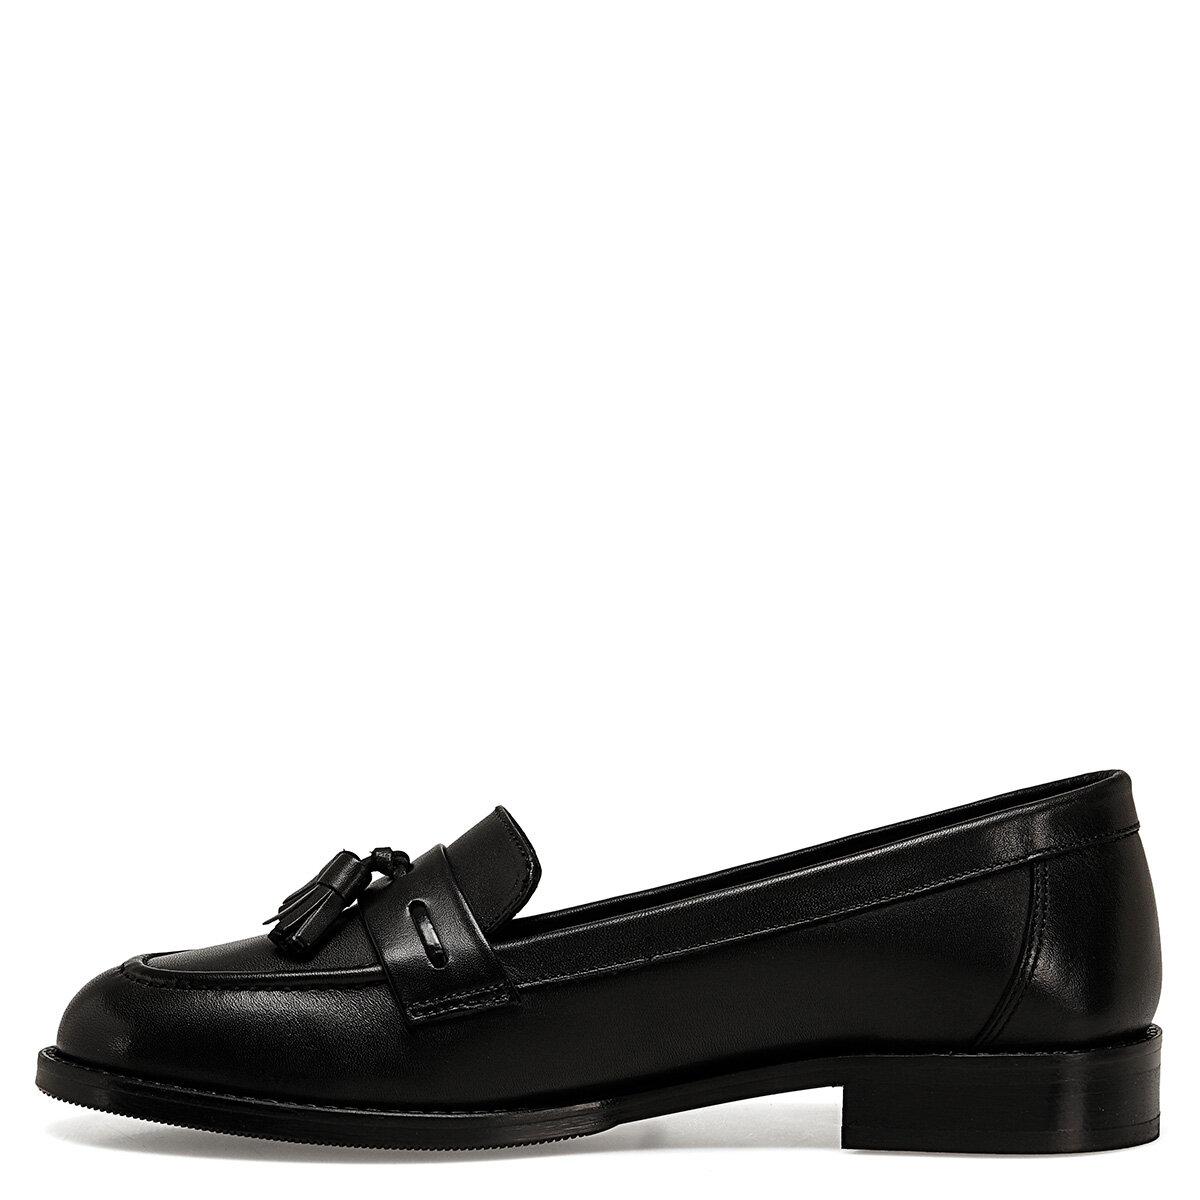 HOGAN Siyah Kadın Loafer Ayakkabı